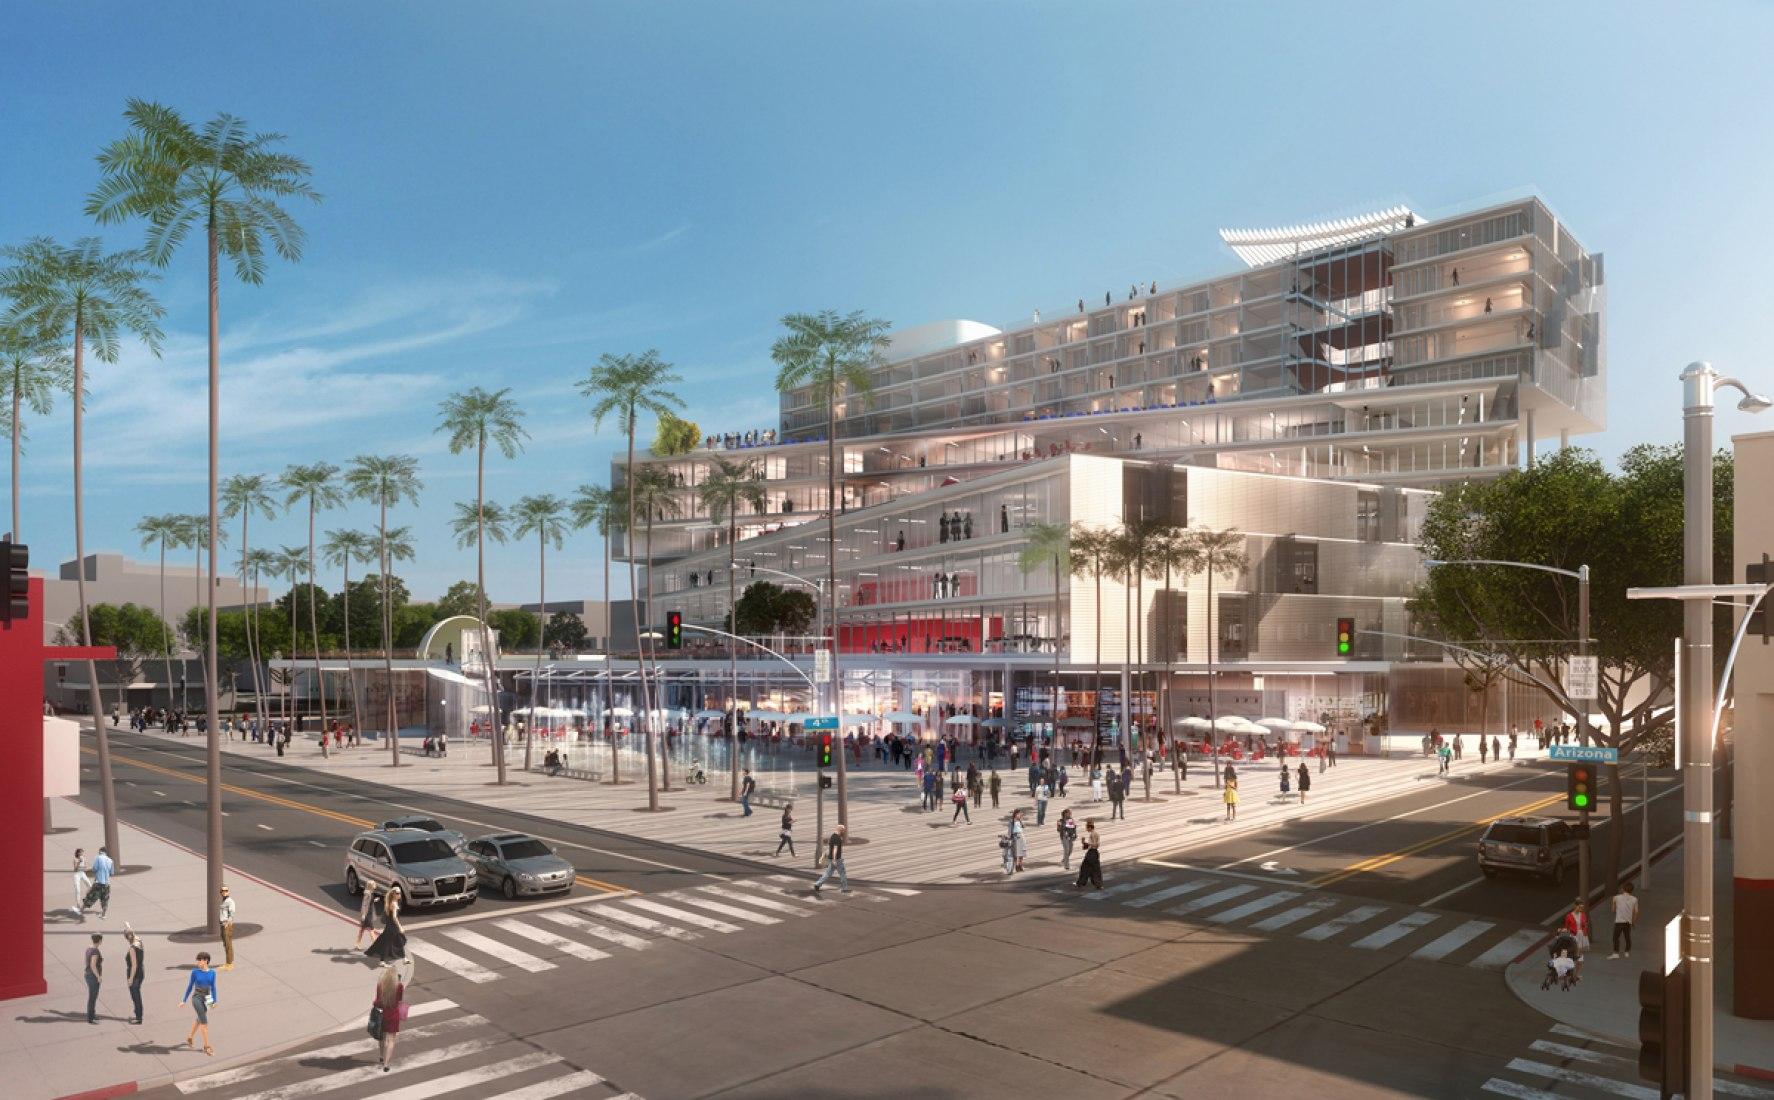 La Plaza de Santa Monica, OMA en Santa Mónica. Imagen © OMA.